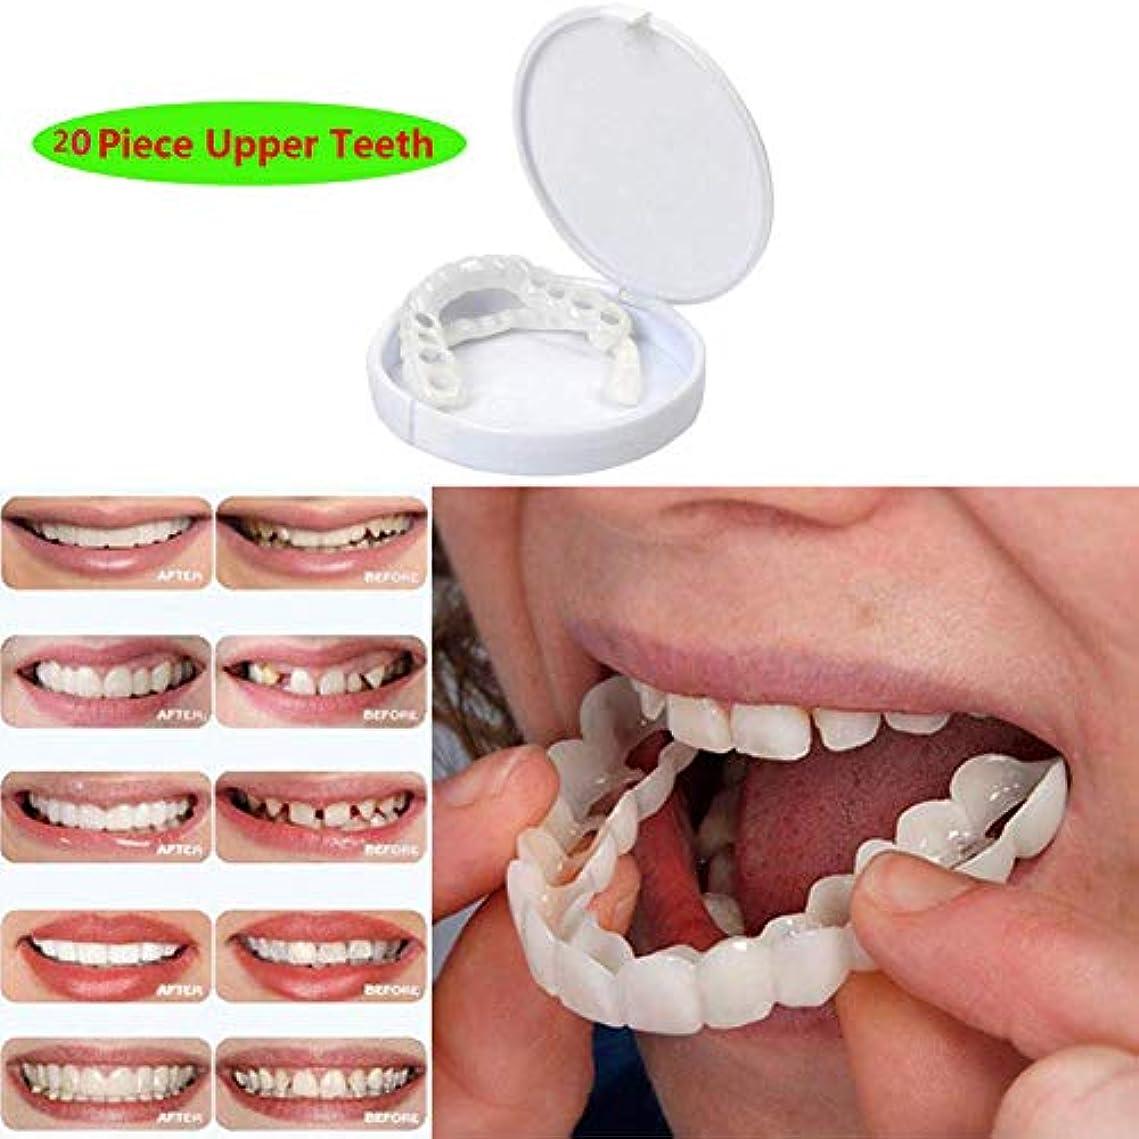 融合く感心する一時的な化粧品の歯義歯の歯快適な屈曲を完全に白くする化粧品の模倣された上部の支柱わずかな分のベニヤ、20PCS上部の歯